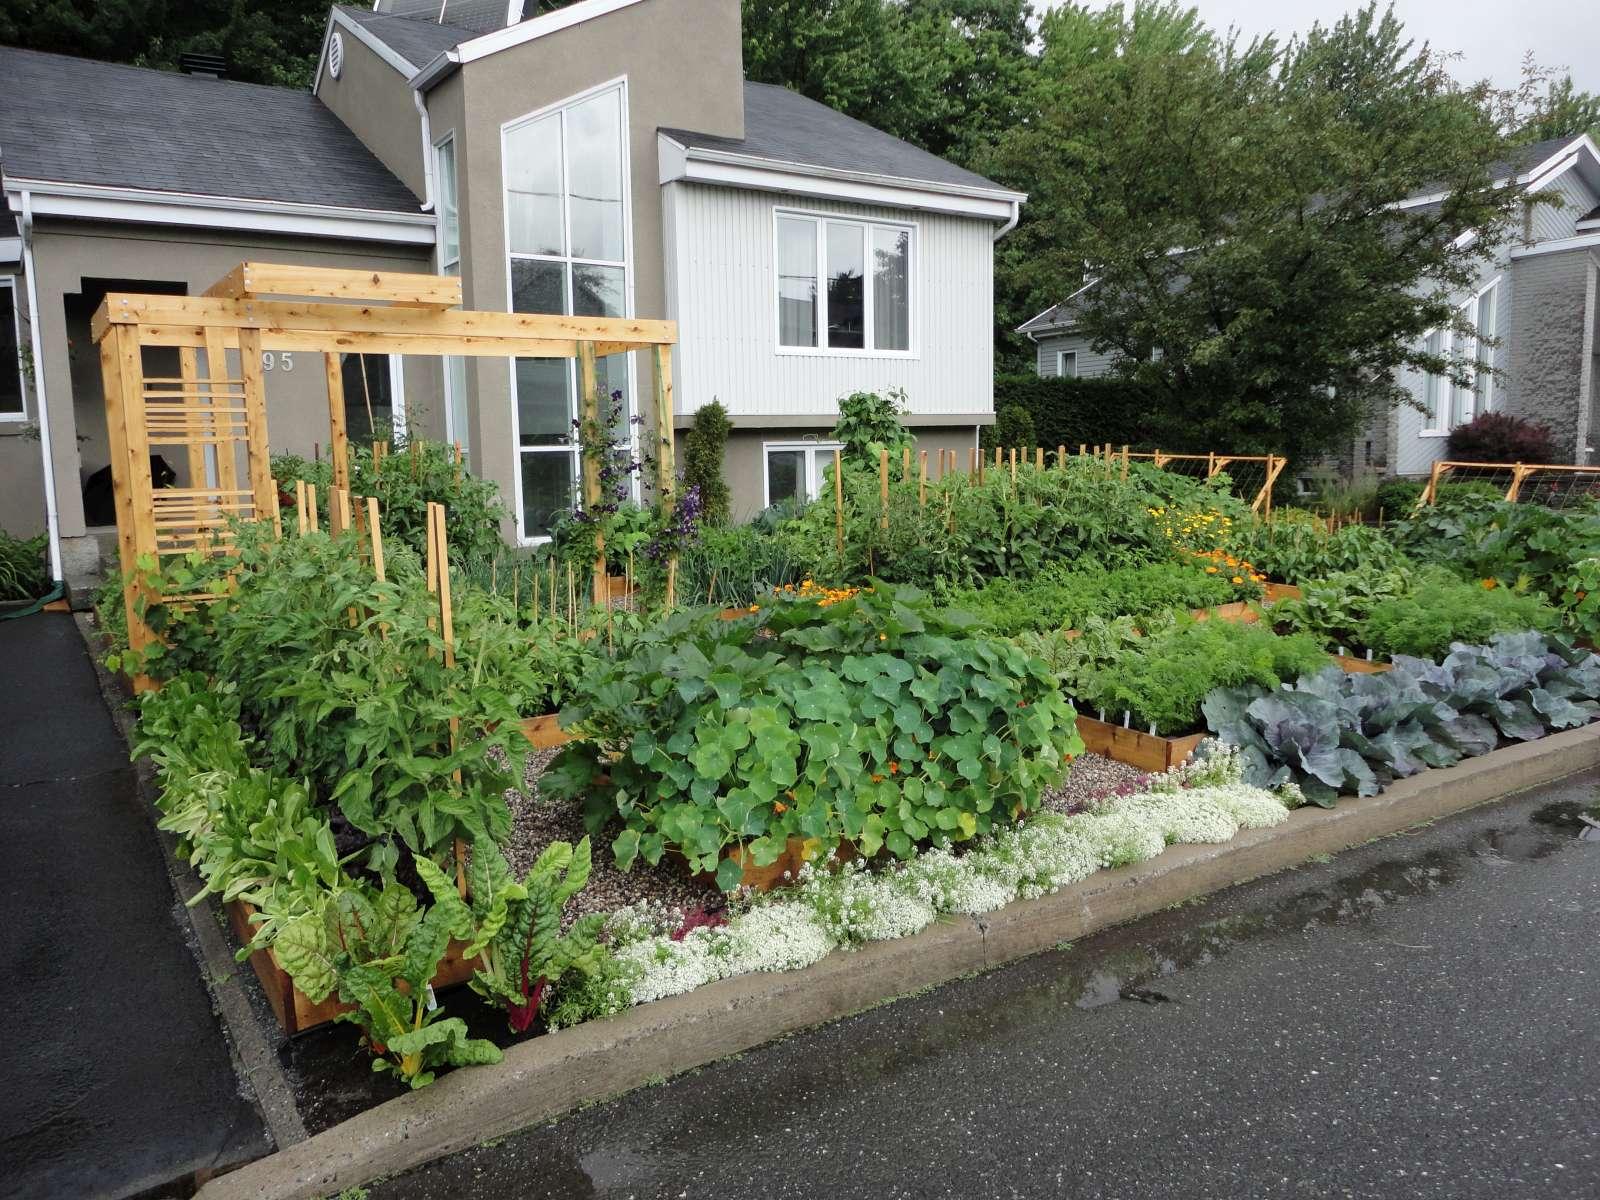 Le potager urbain vid o d 39 une visite virtuelle du potager for Jardin urbain permaculture